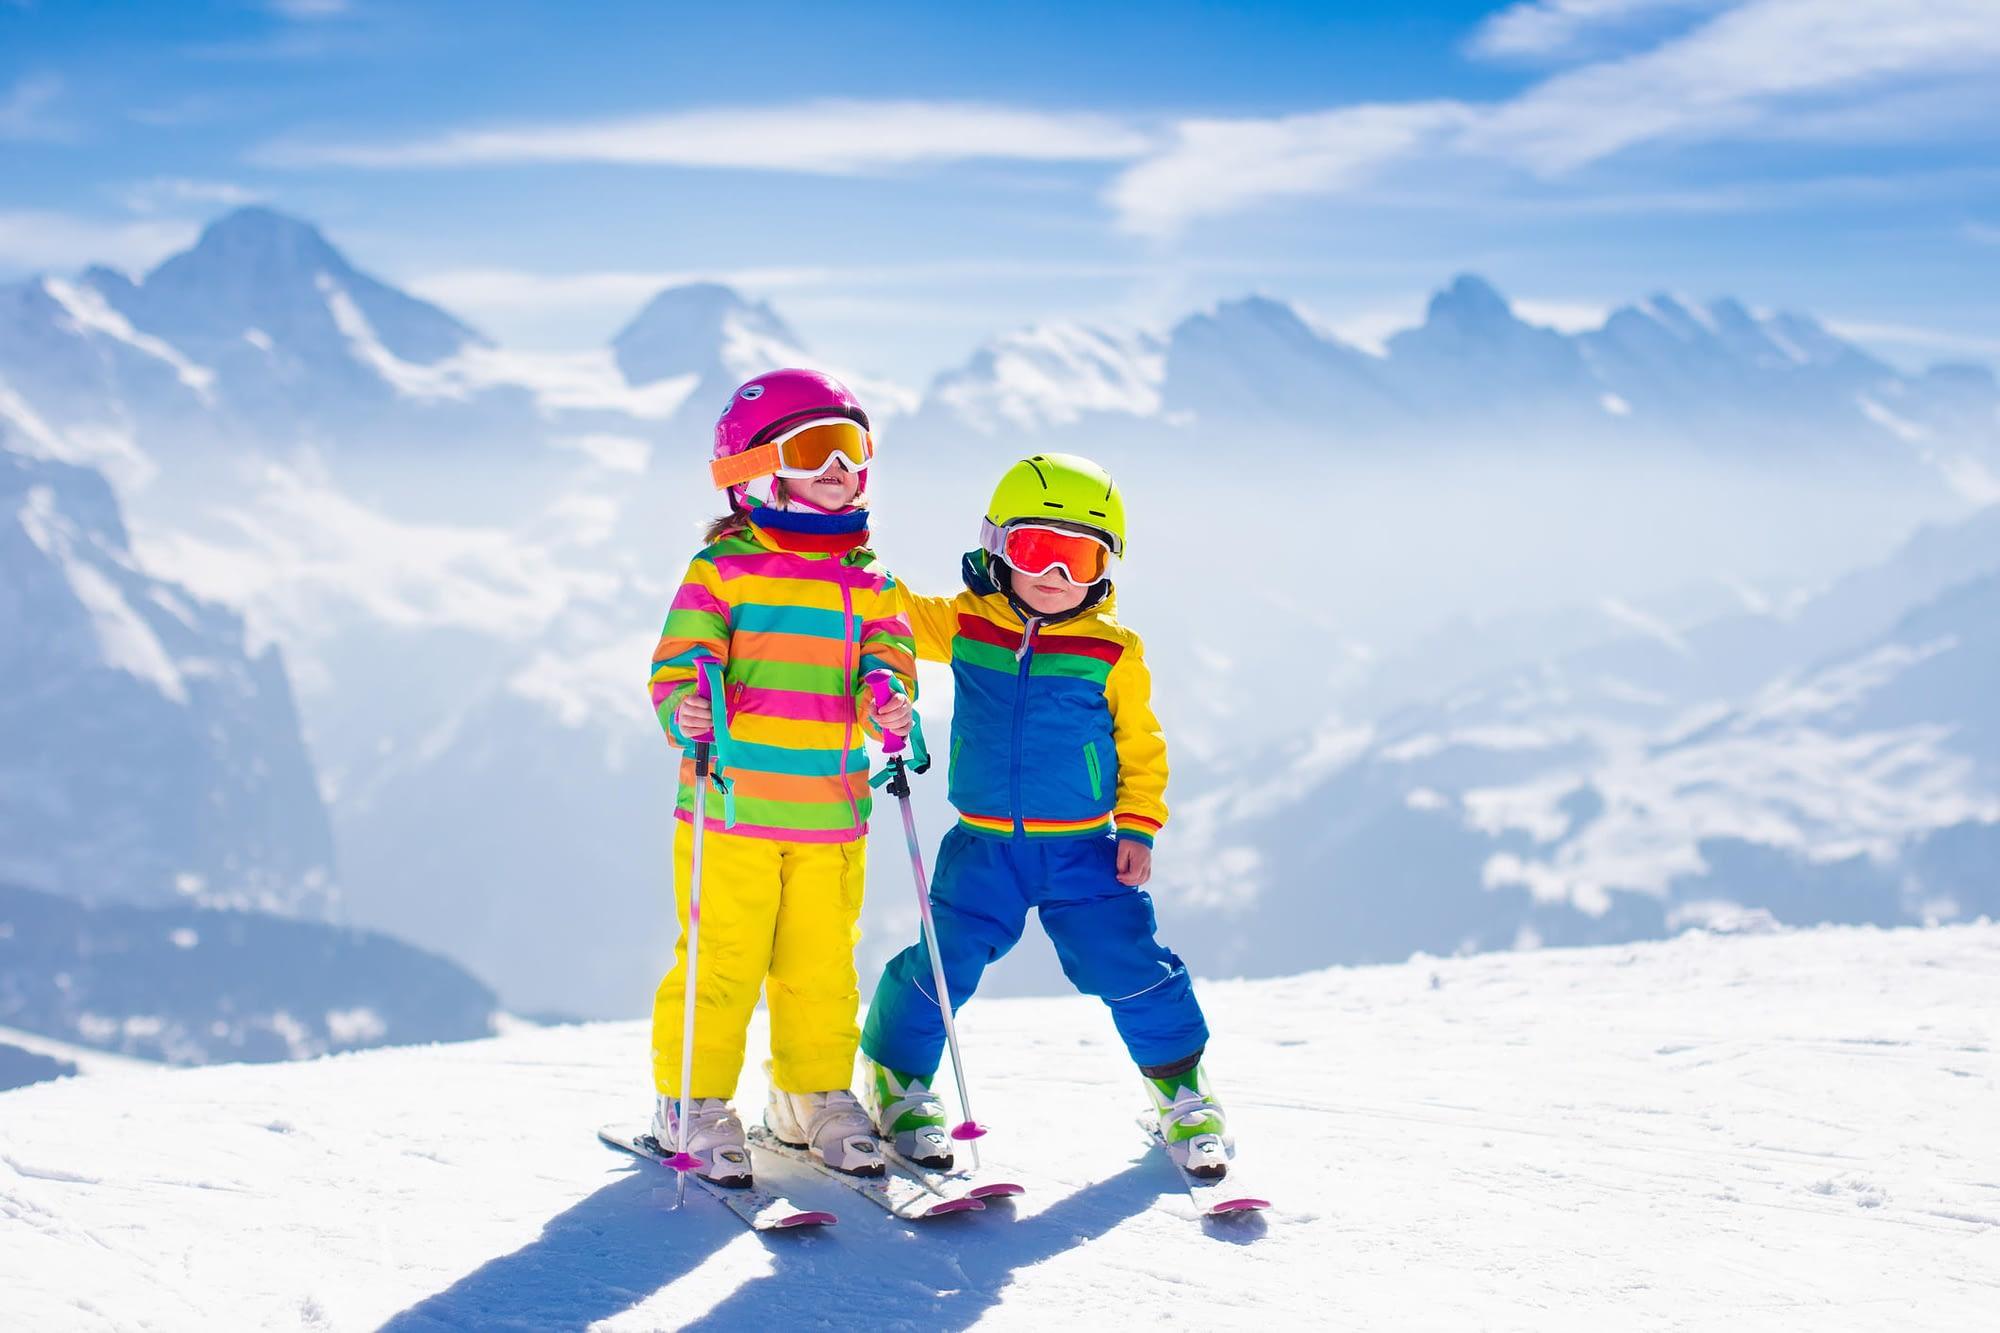 Çocuklar Kışın Nasıl Giydirilmelidir?